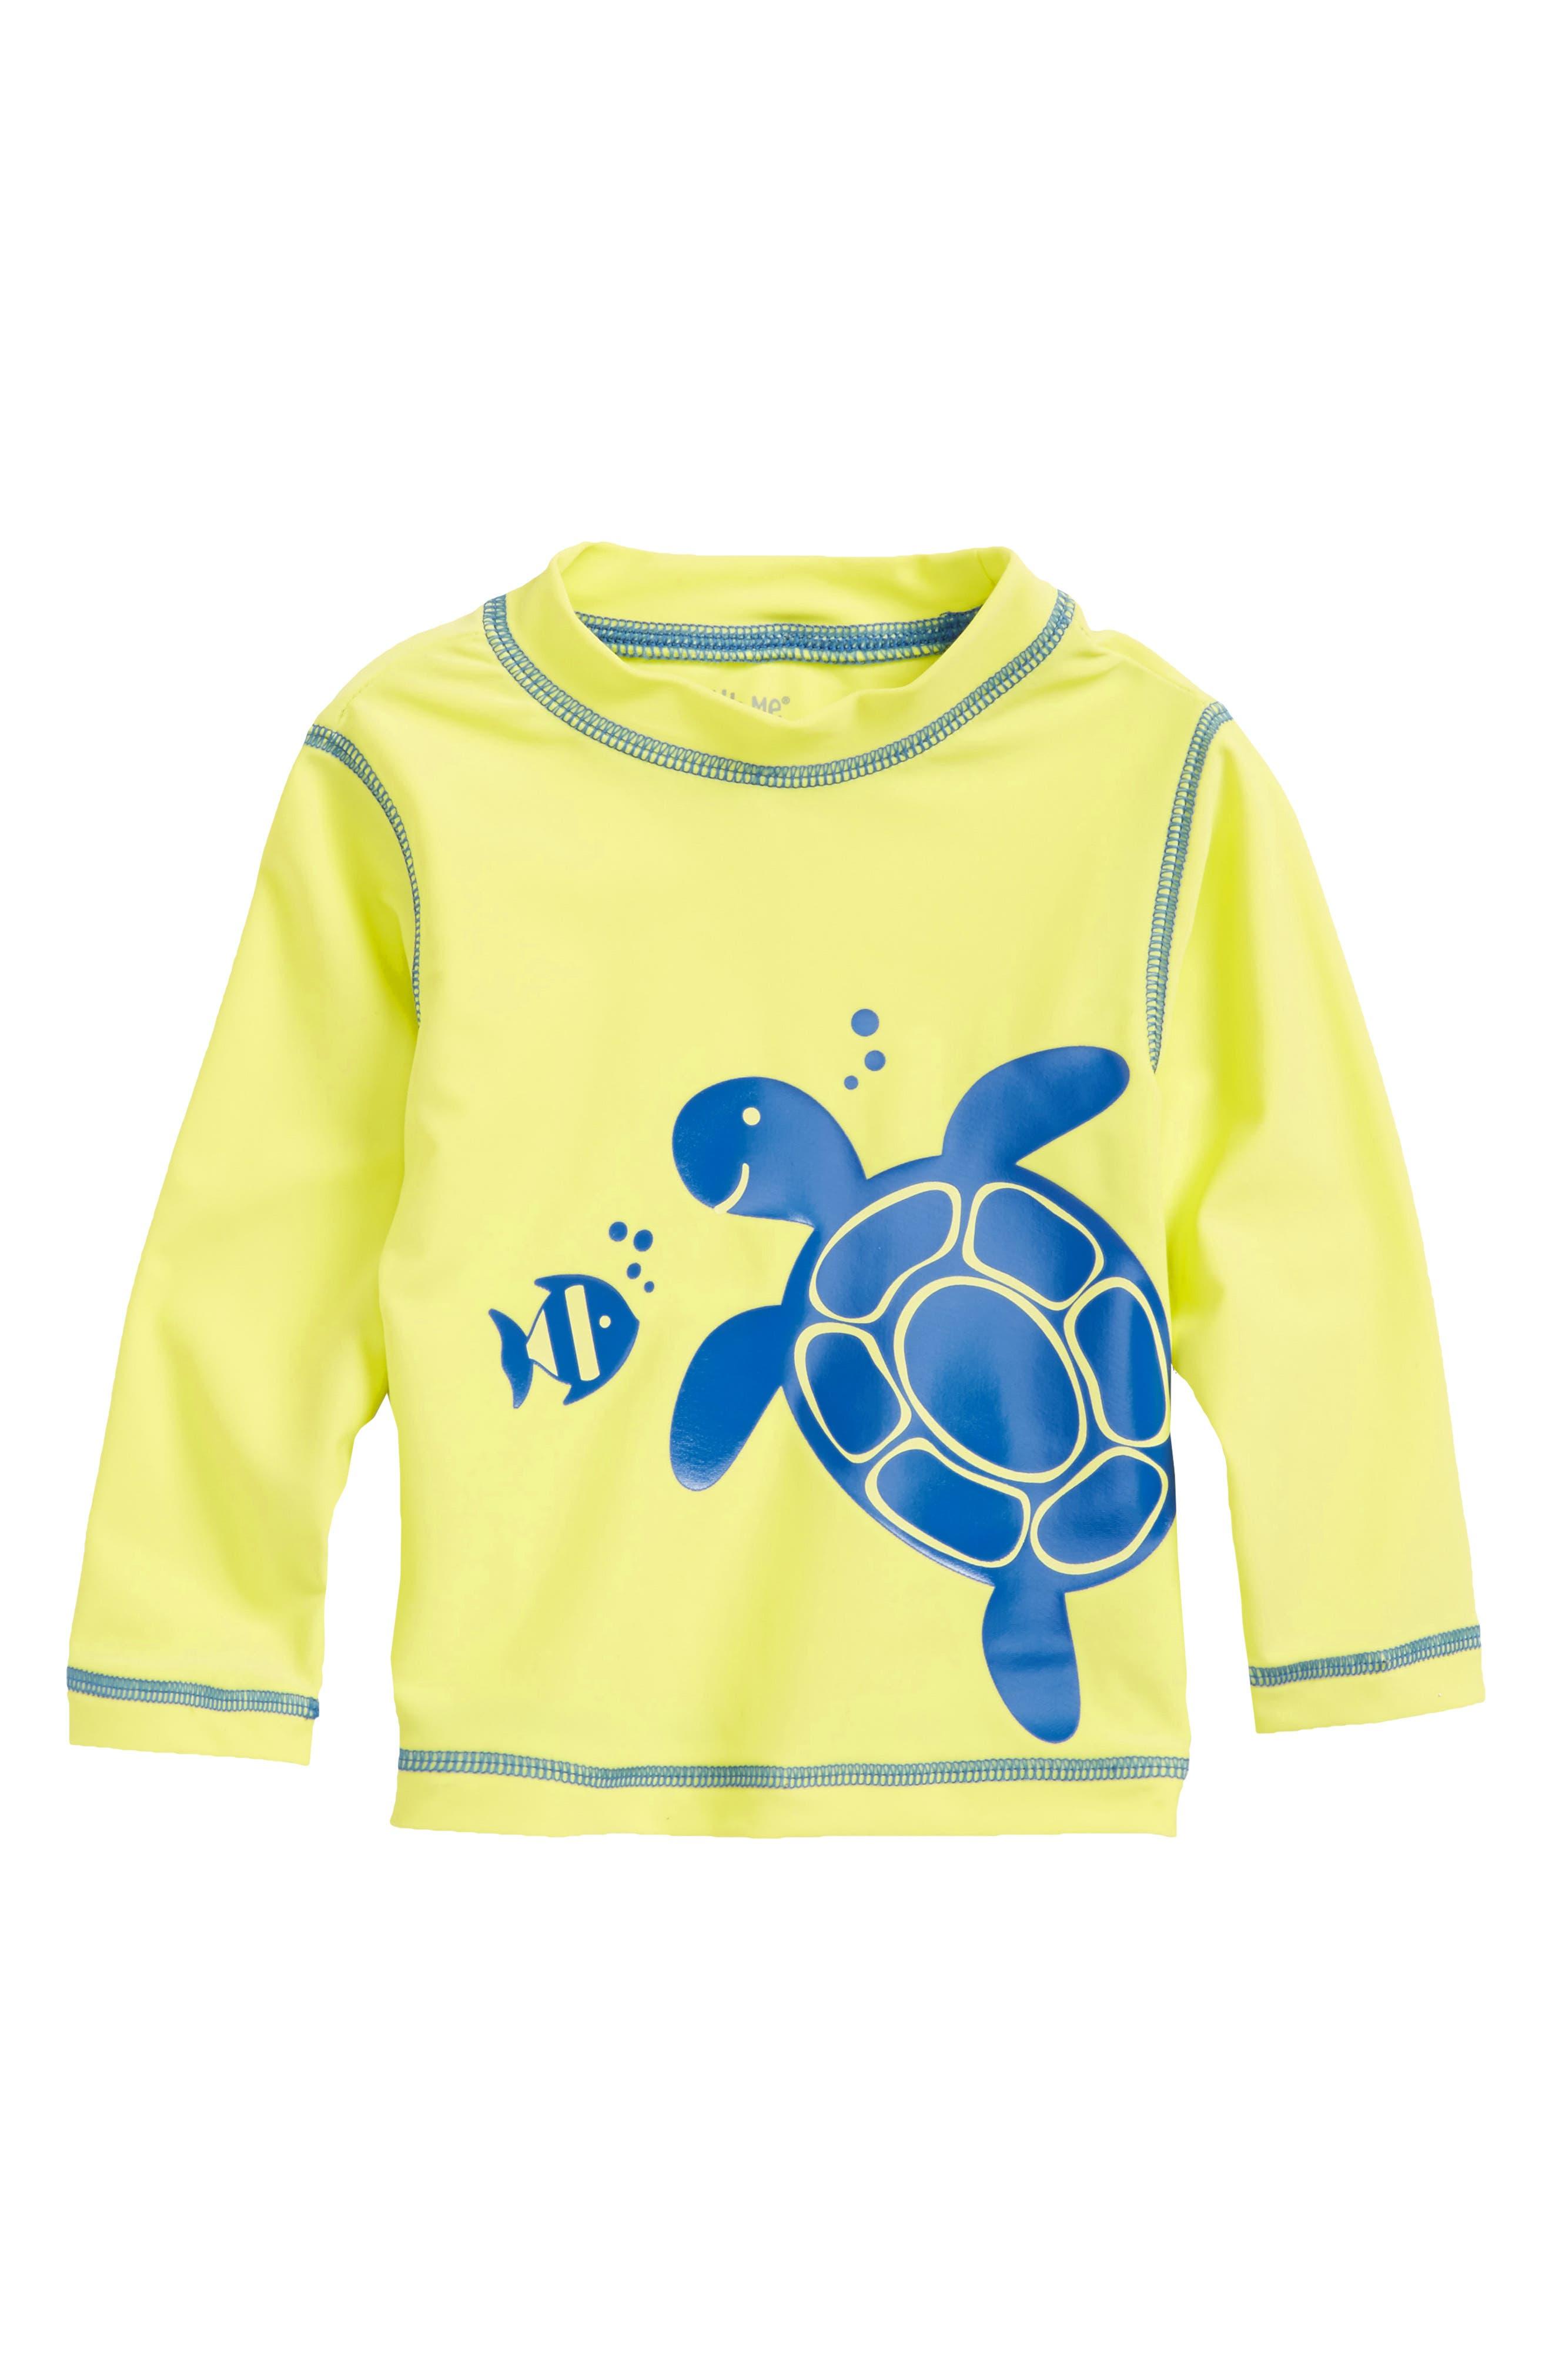 Turtle UPF 50+ Rashguard,                             Main thumbnail 1, color,                             Green